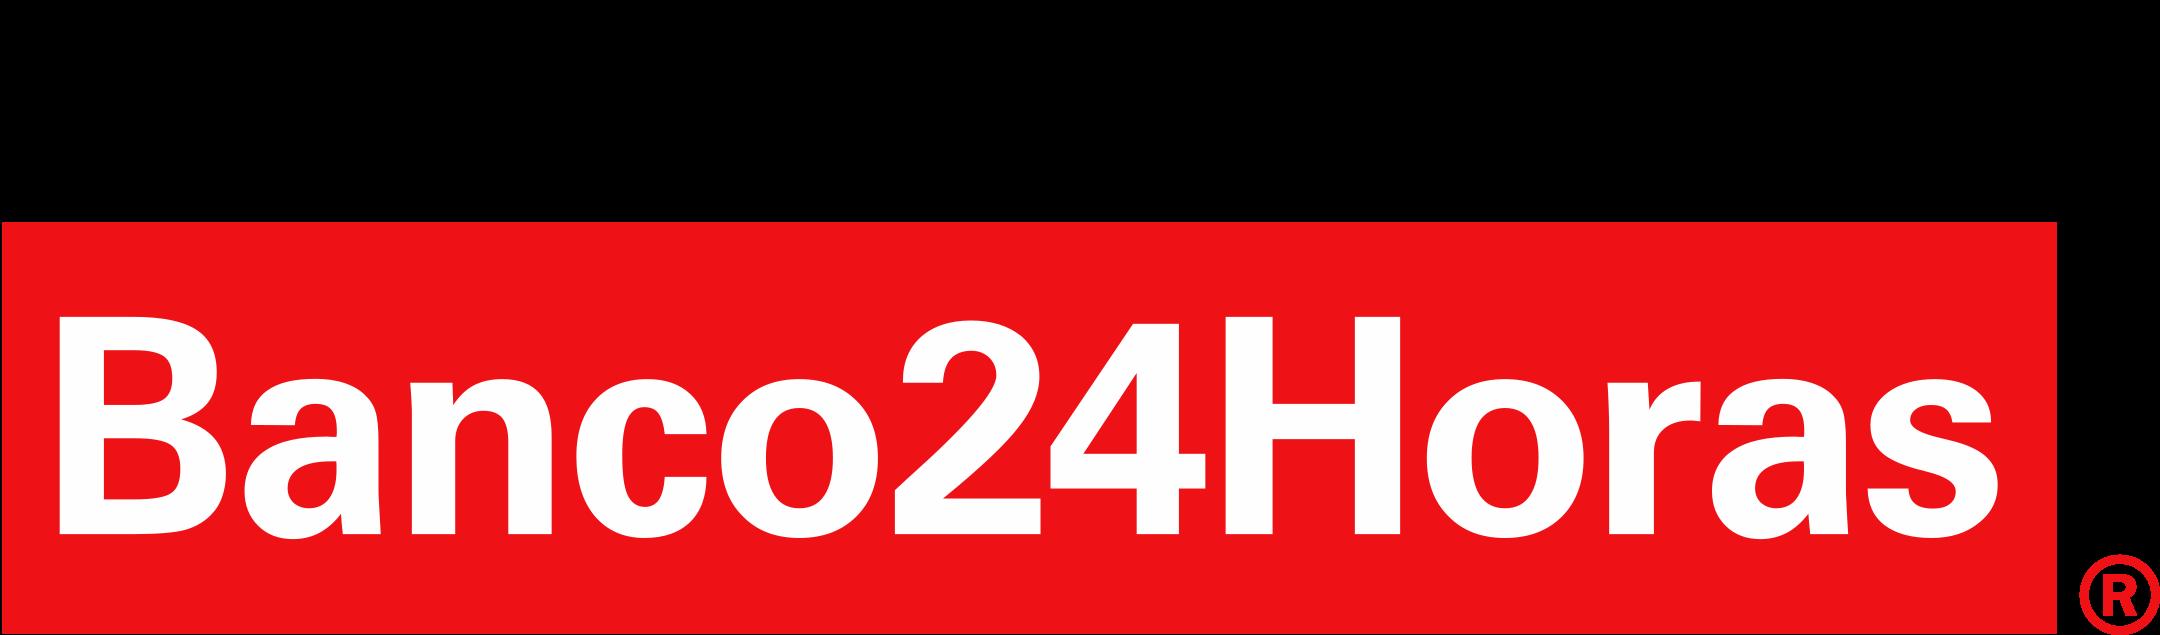 banco 24 horas logo 01 - Banco24Horas Logo